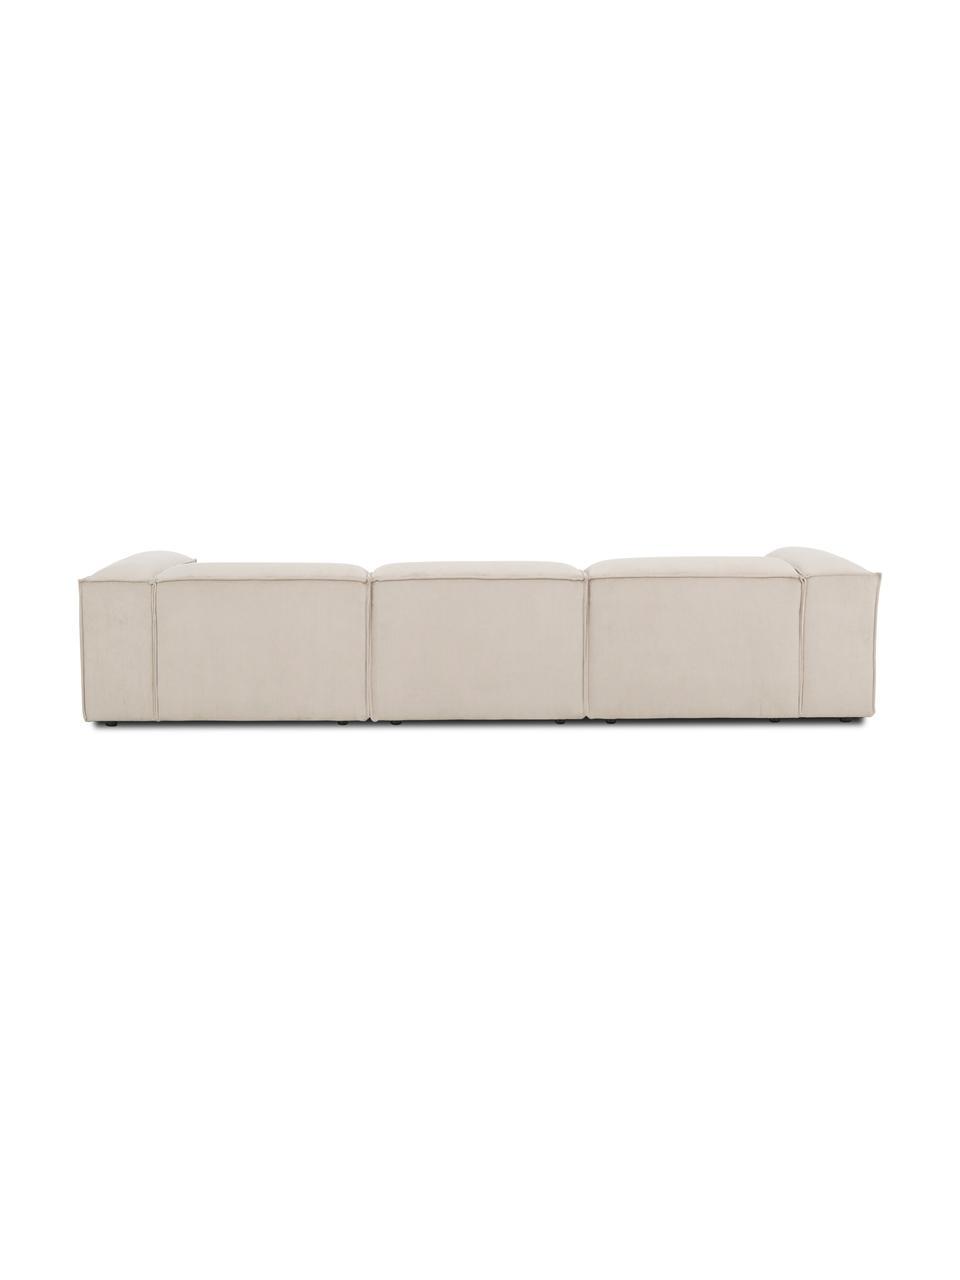 Canapé d'angle velours côtelé beige Lennon, Velours côtelé beige